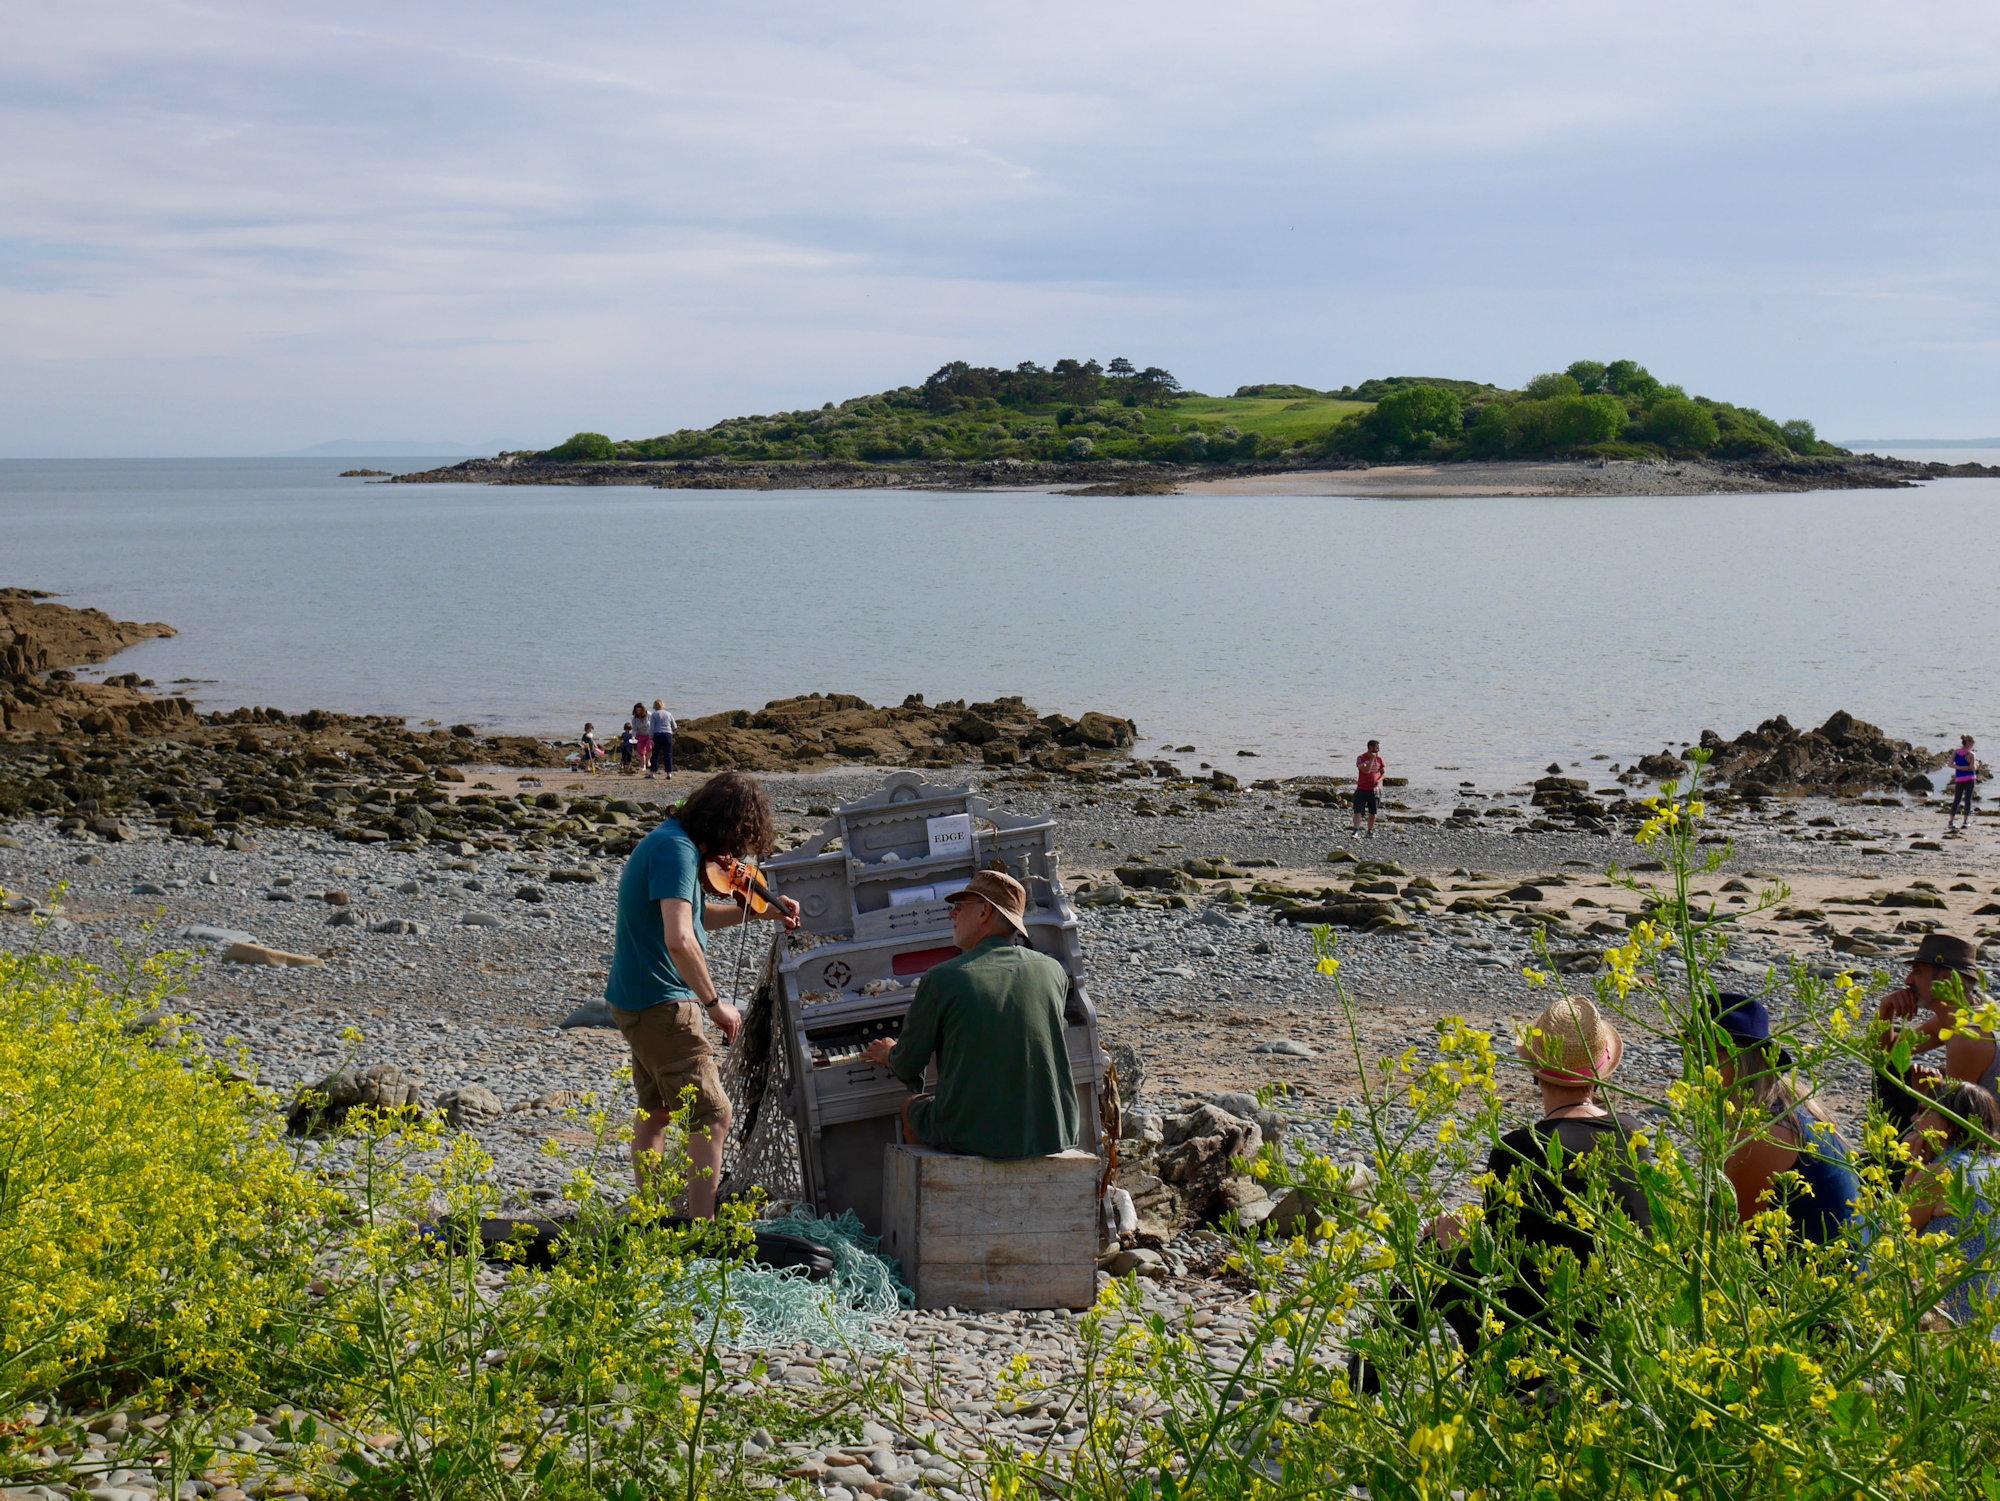 Harmonium and Ardwall Island